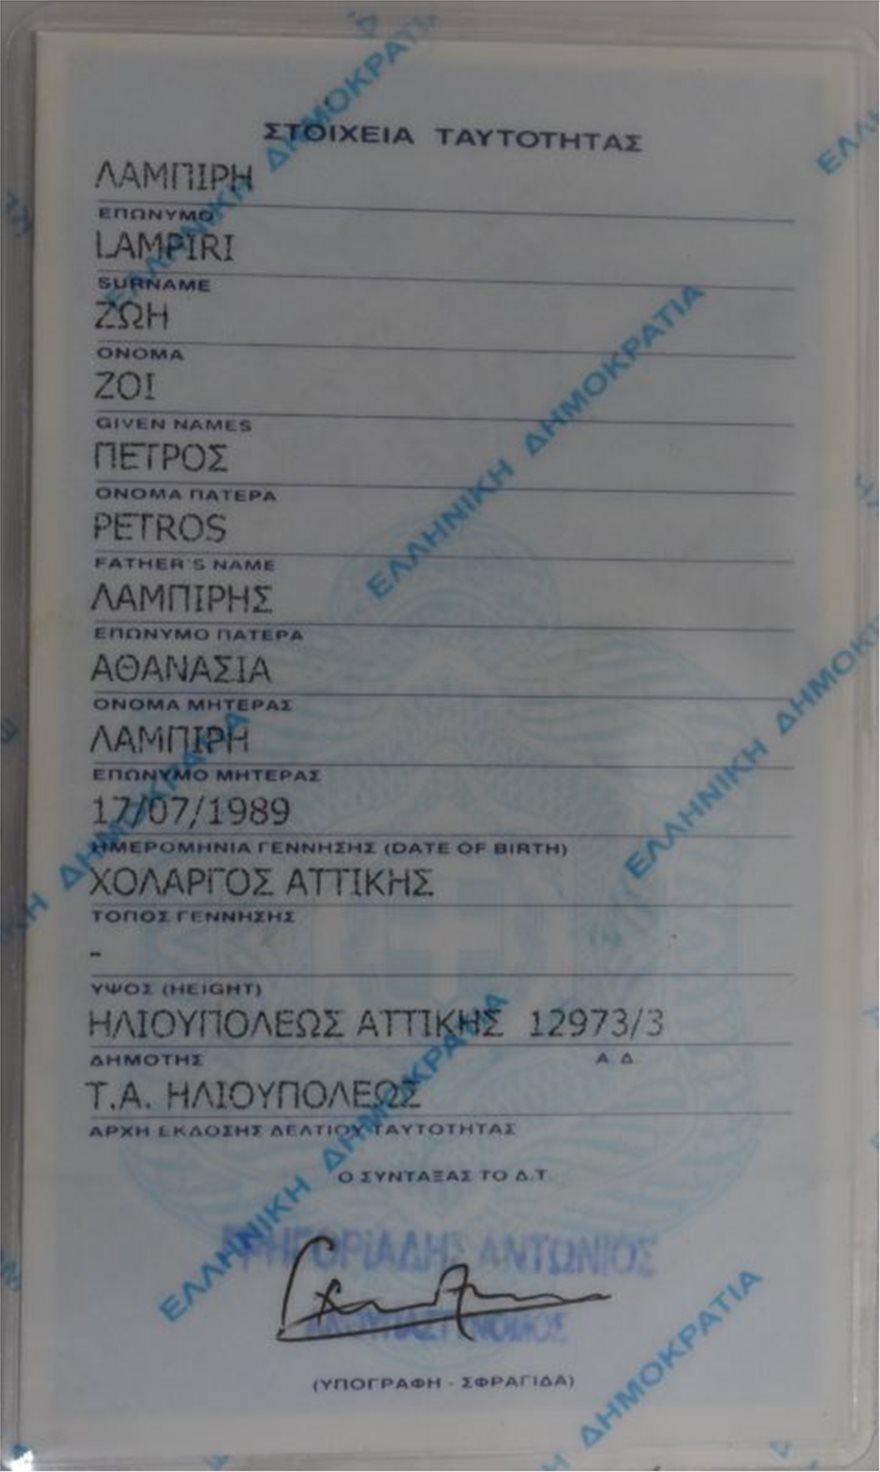 31012020-dim_taytotites005